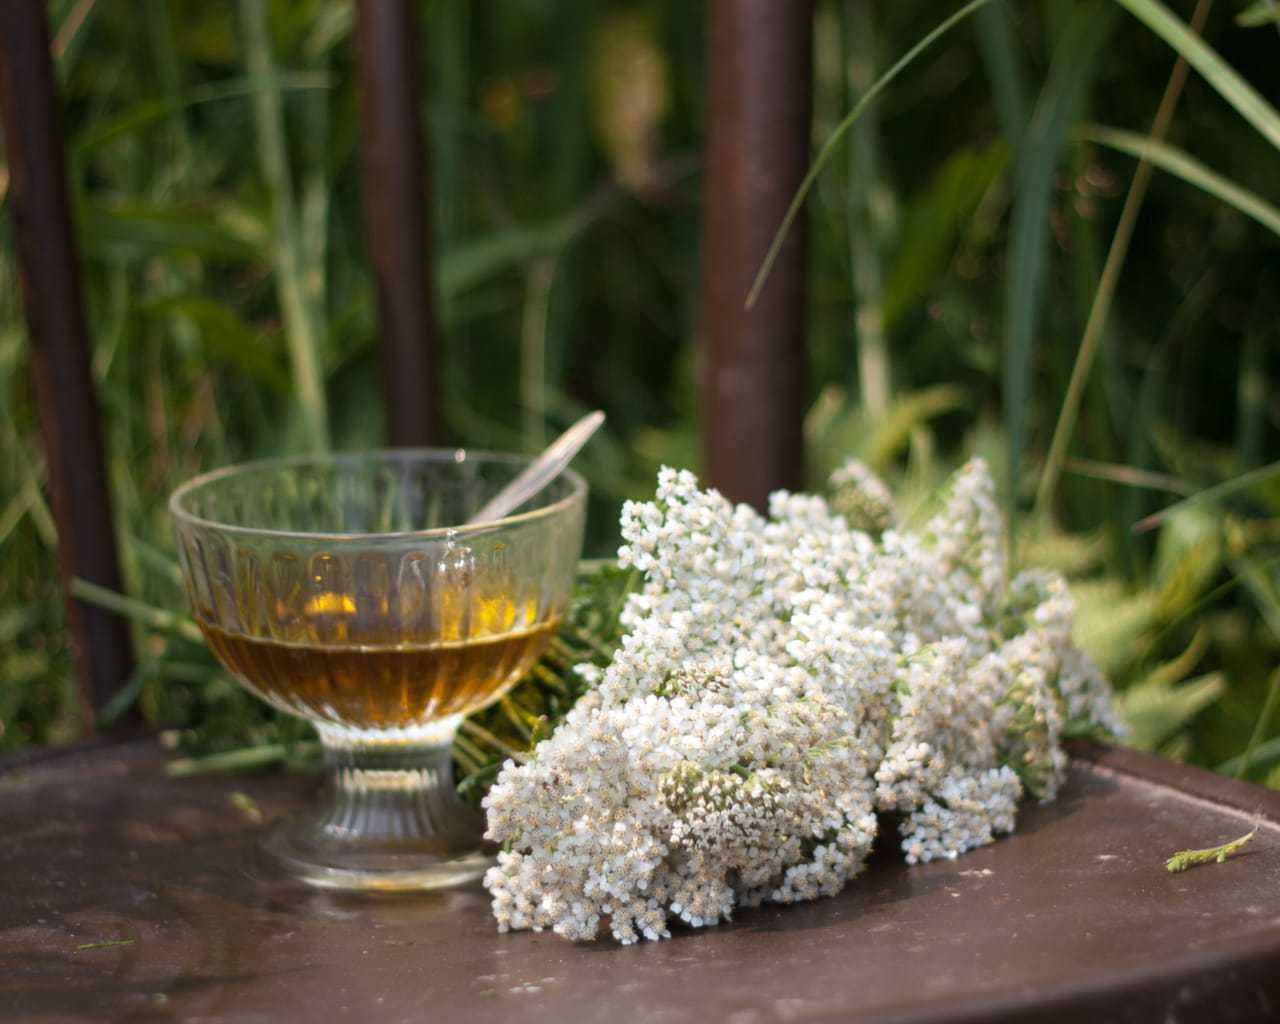 Чем полезен тысячелистник? свойства, рецепты применения и противопоказания травы | здорова и красива